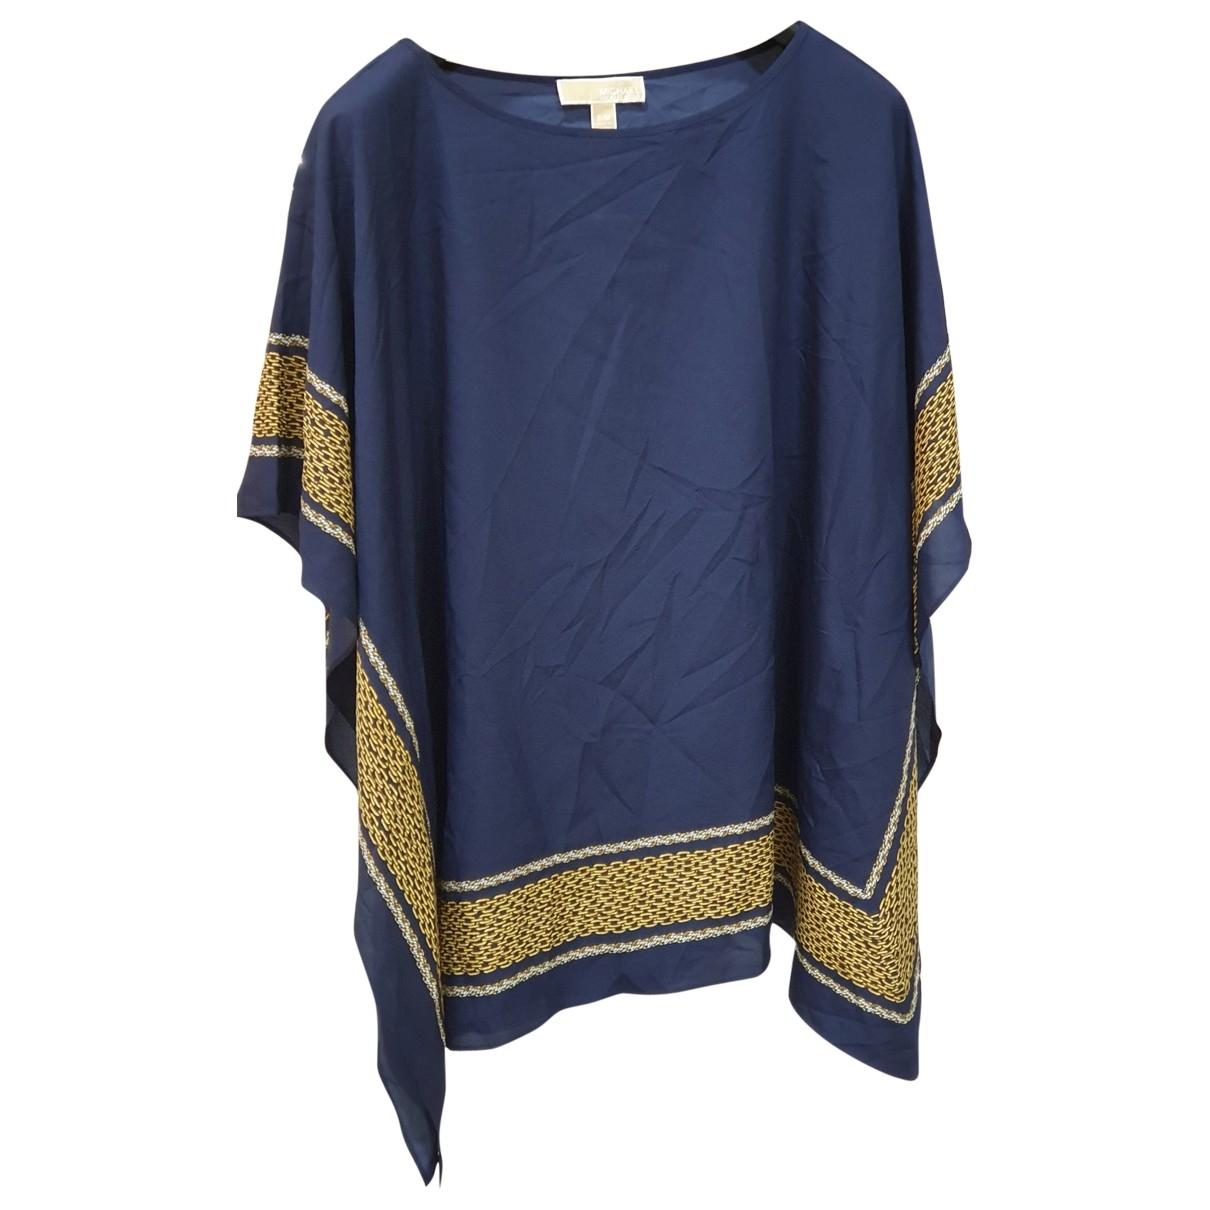 Michael Kors \N Top in  Blau Polyester